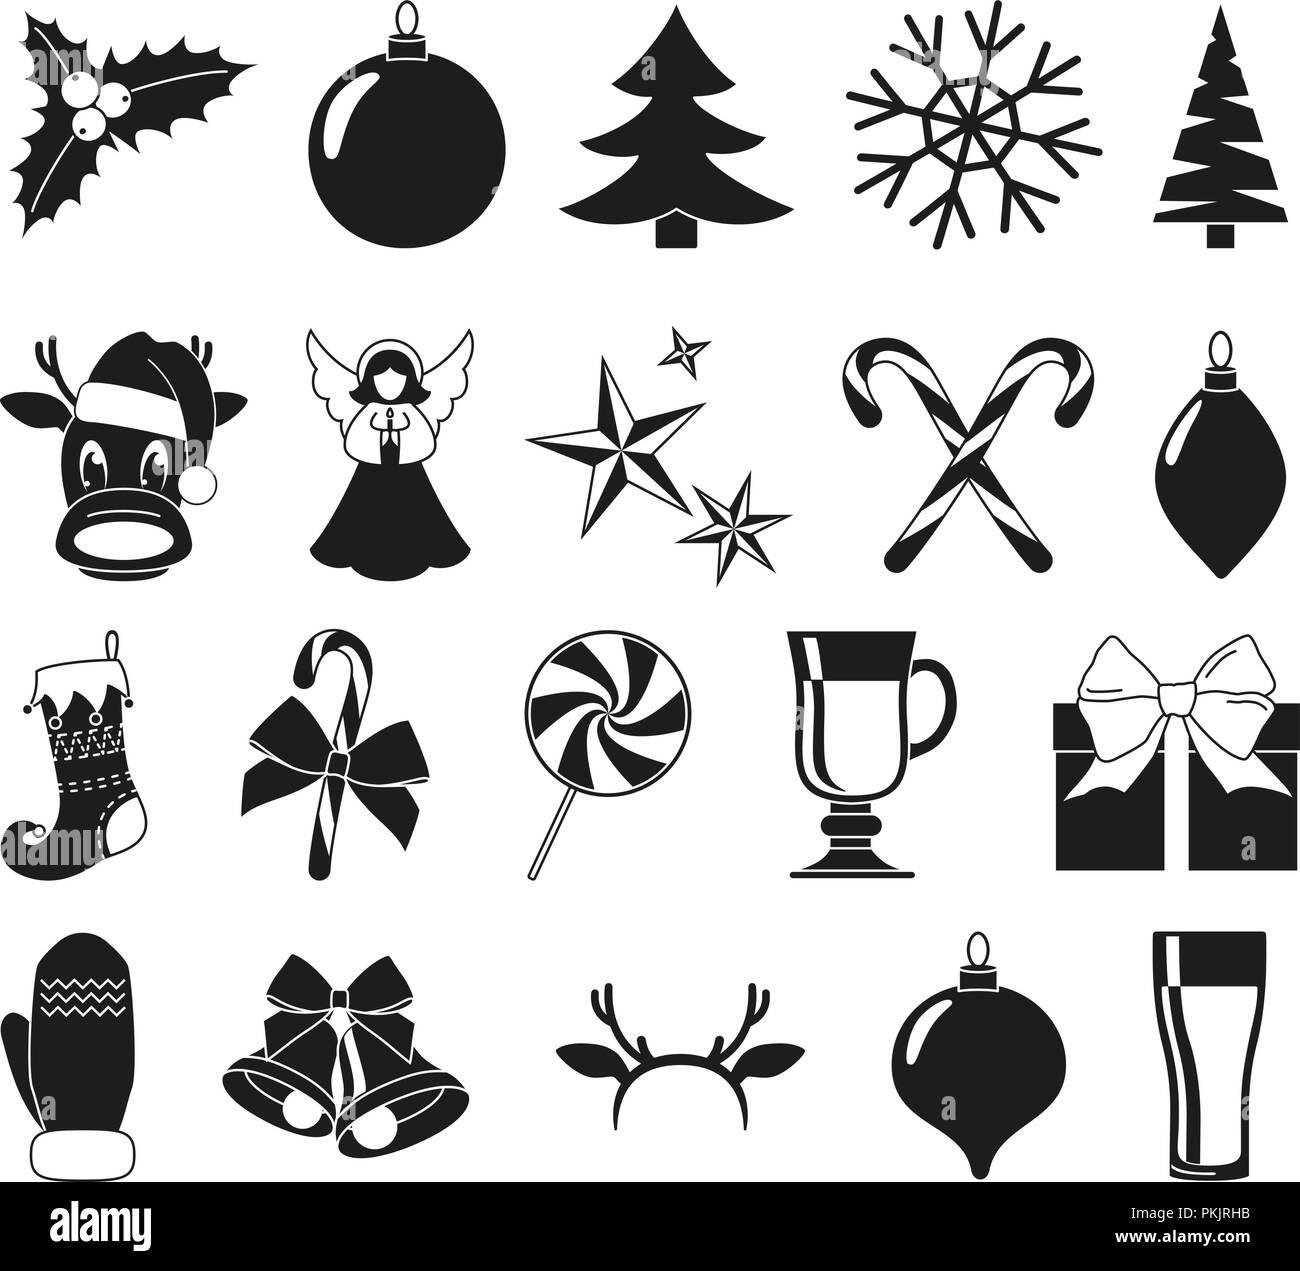 Noël Noir Et Blanc 20 éléments Nouvelle Année Des